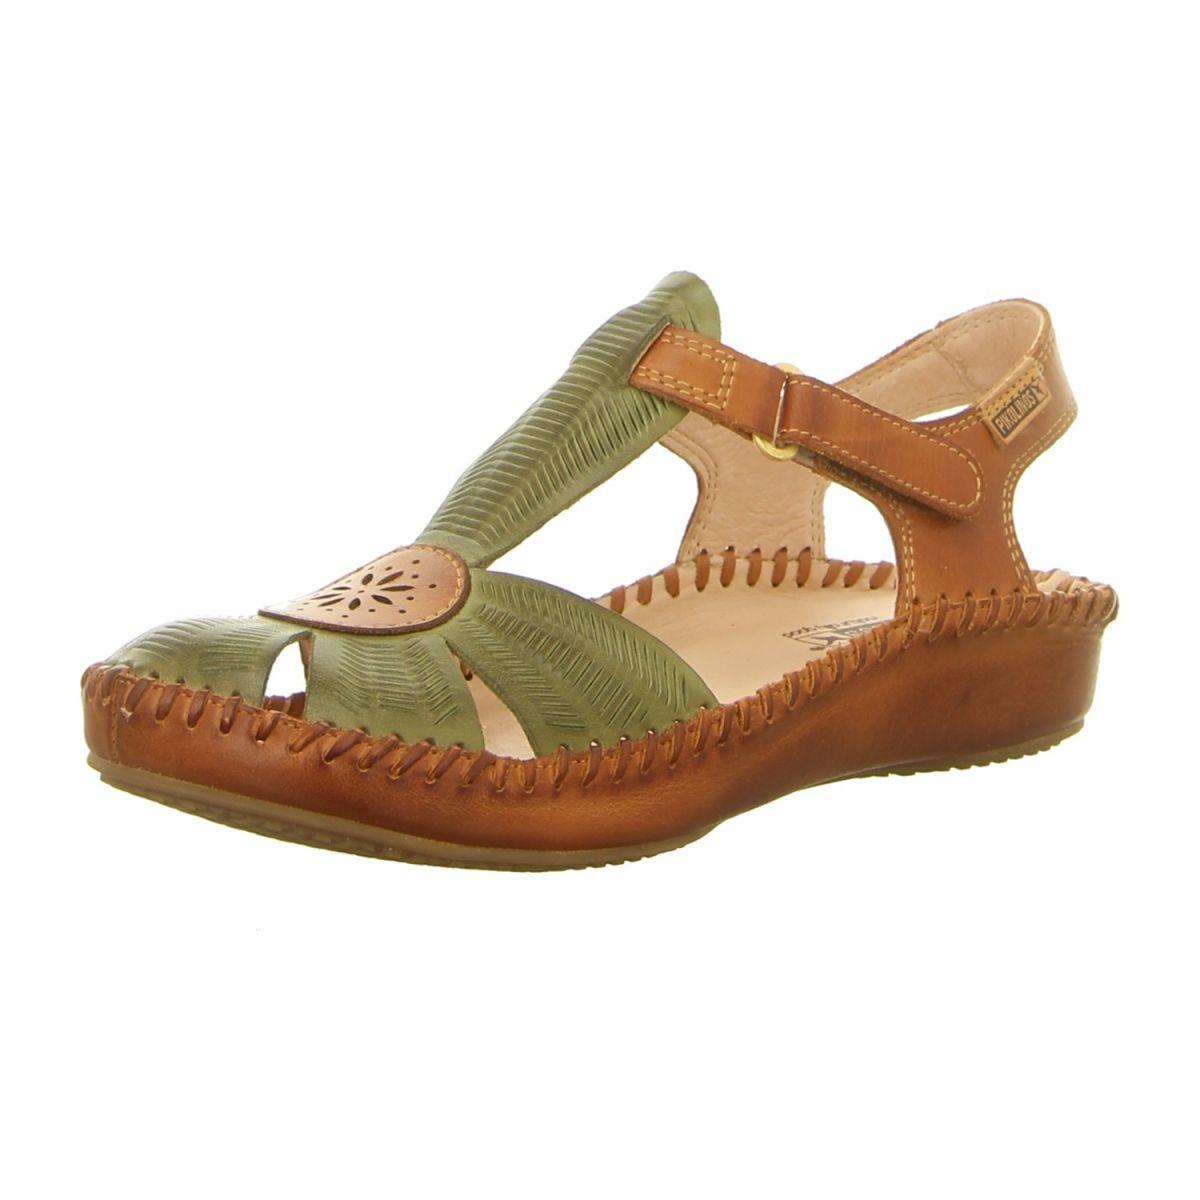 Grüne Sandalen günstig online kaufen | LadenZeile